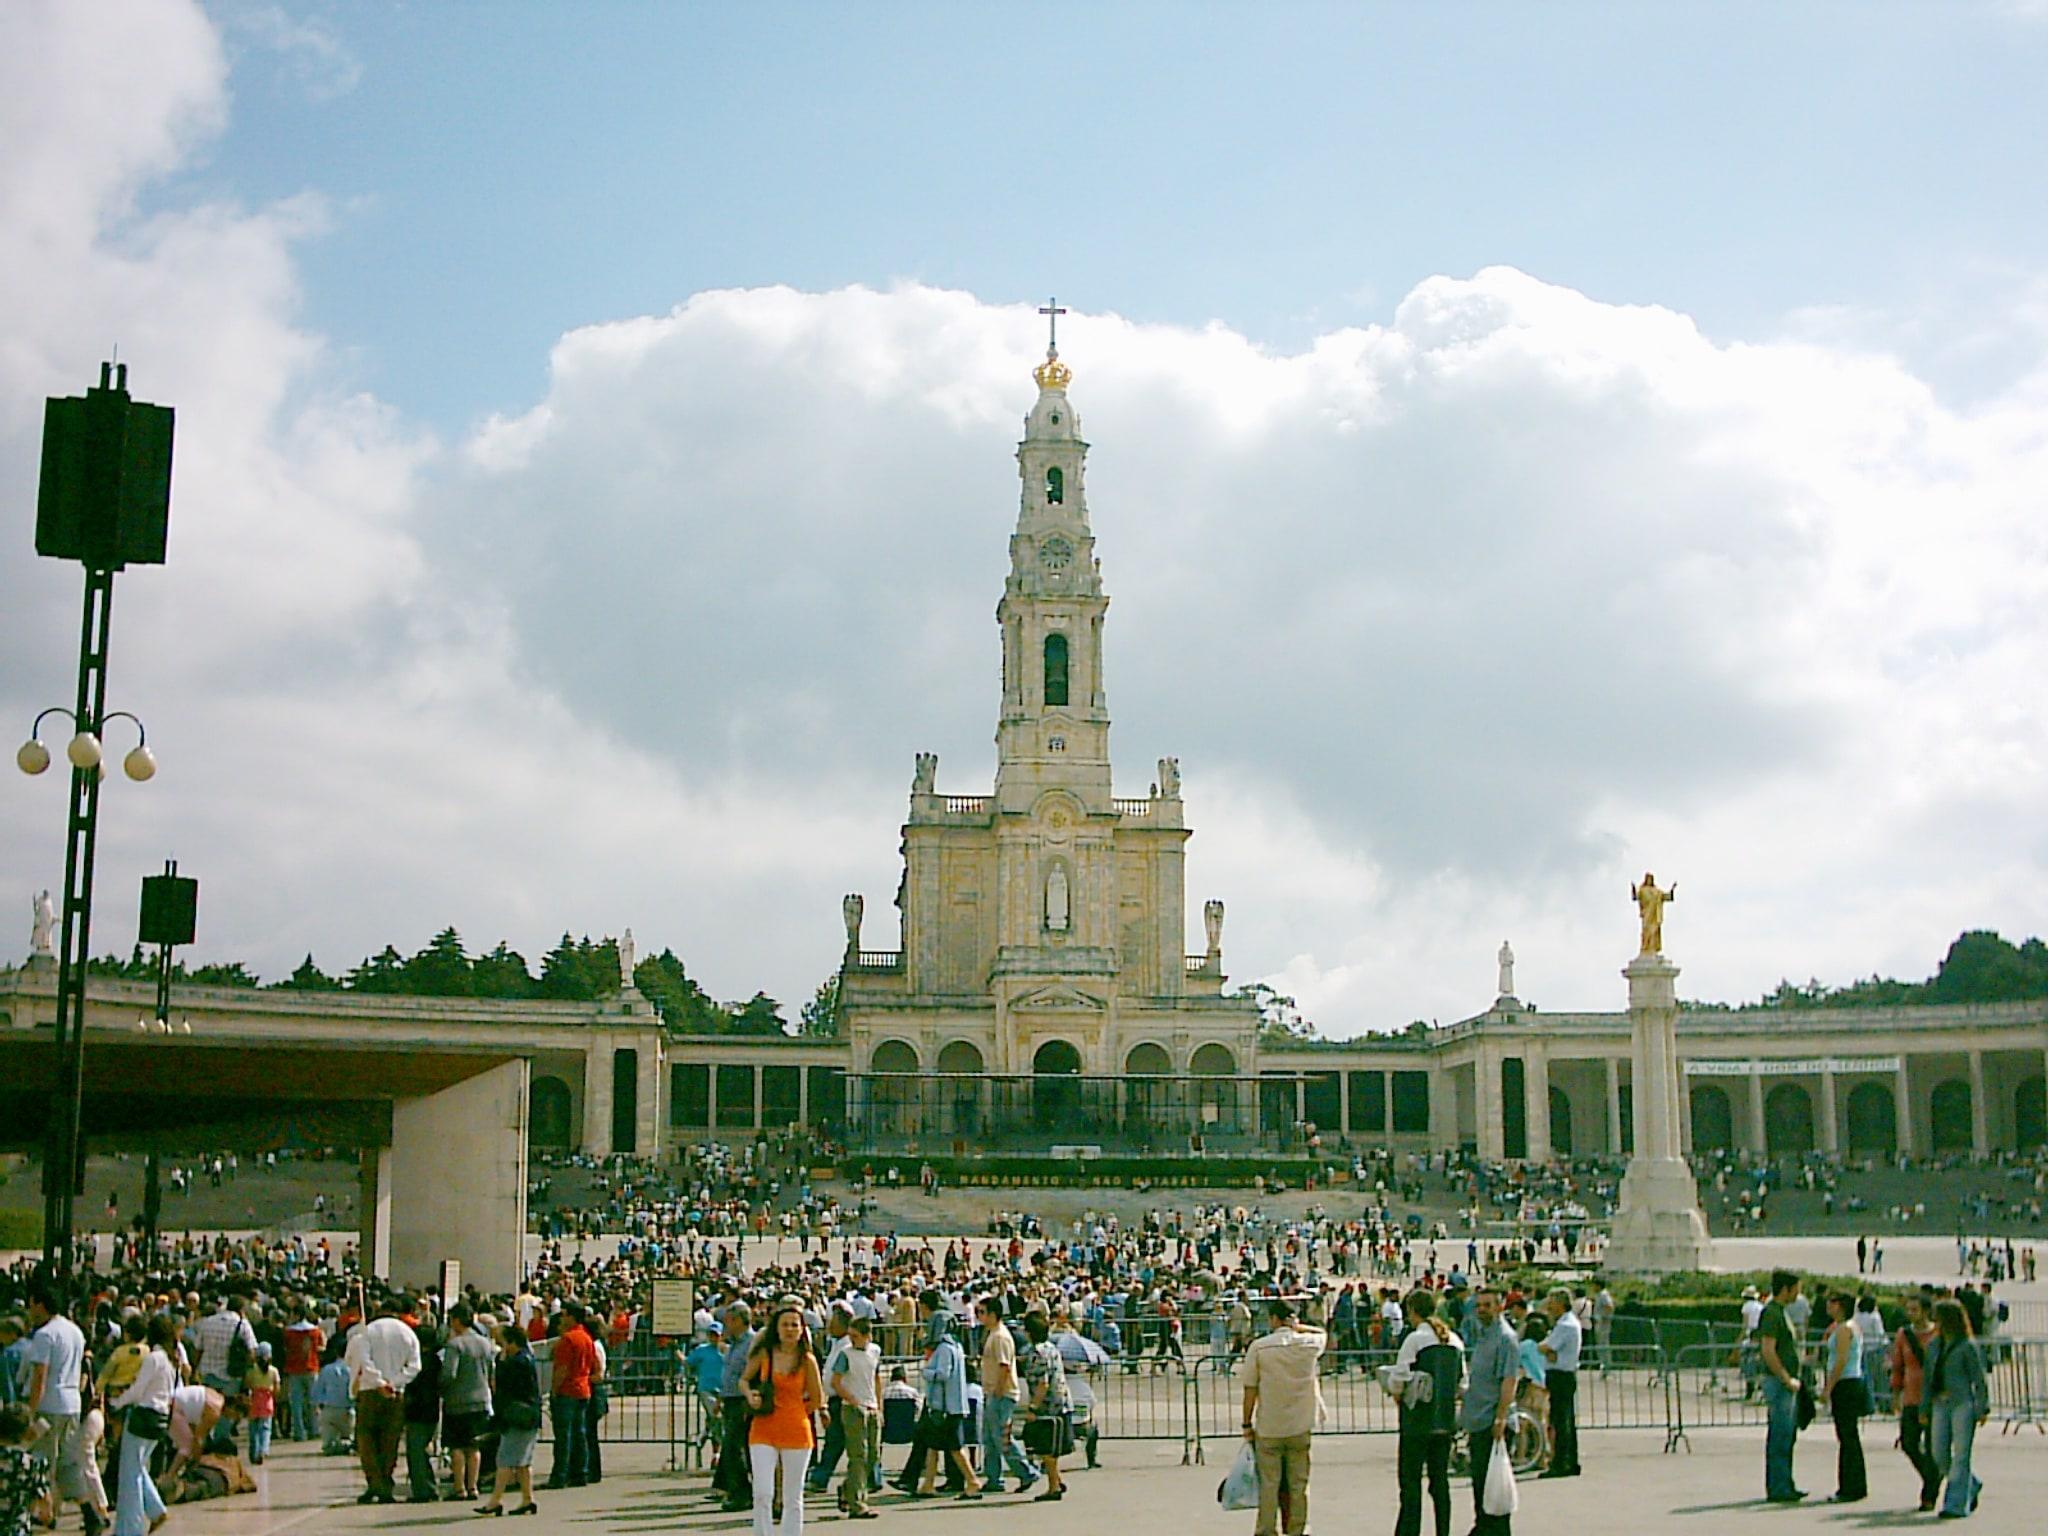 Fatima w Portugalii. To nie tylko miejsce kultu religijnego.